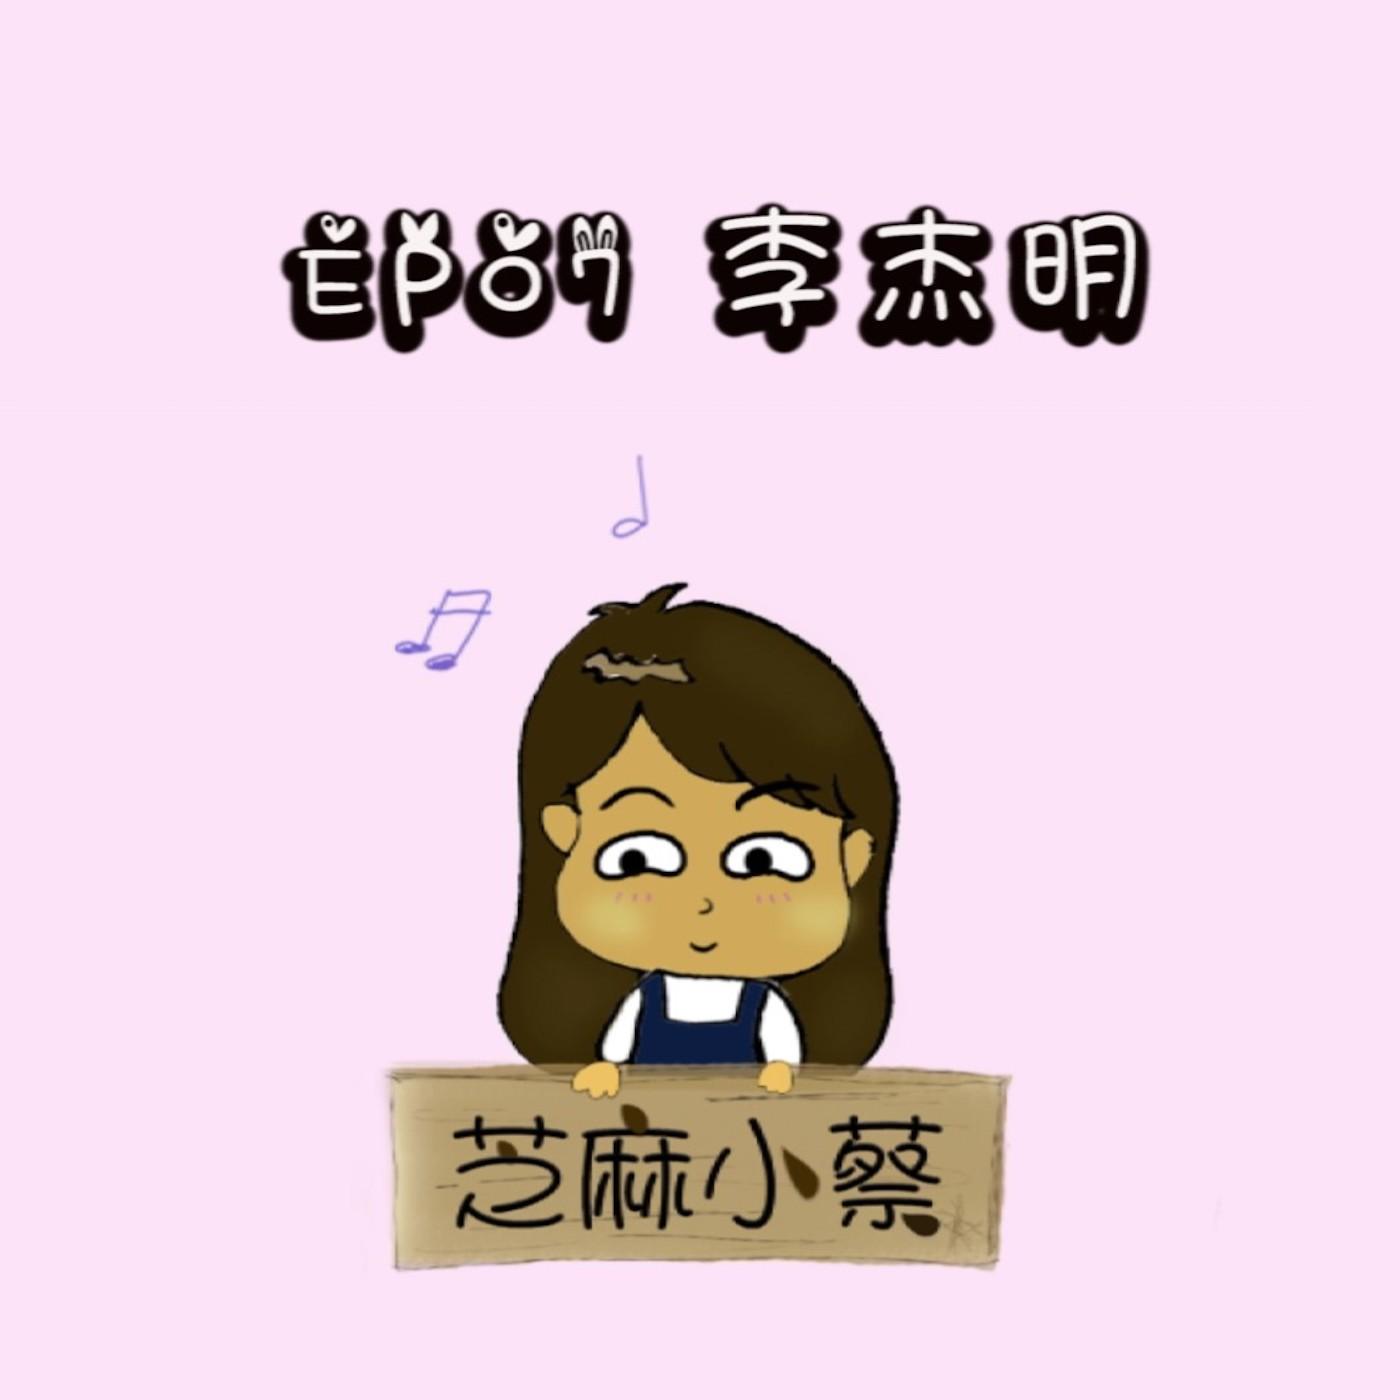 【芝麻小蔡】 EP07 李杰明